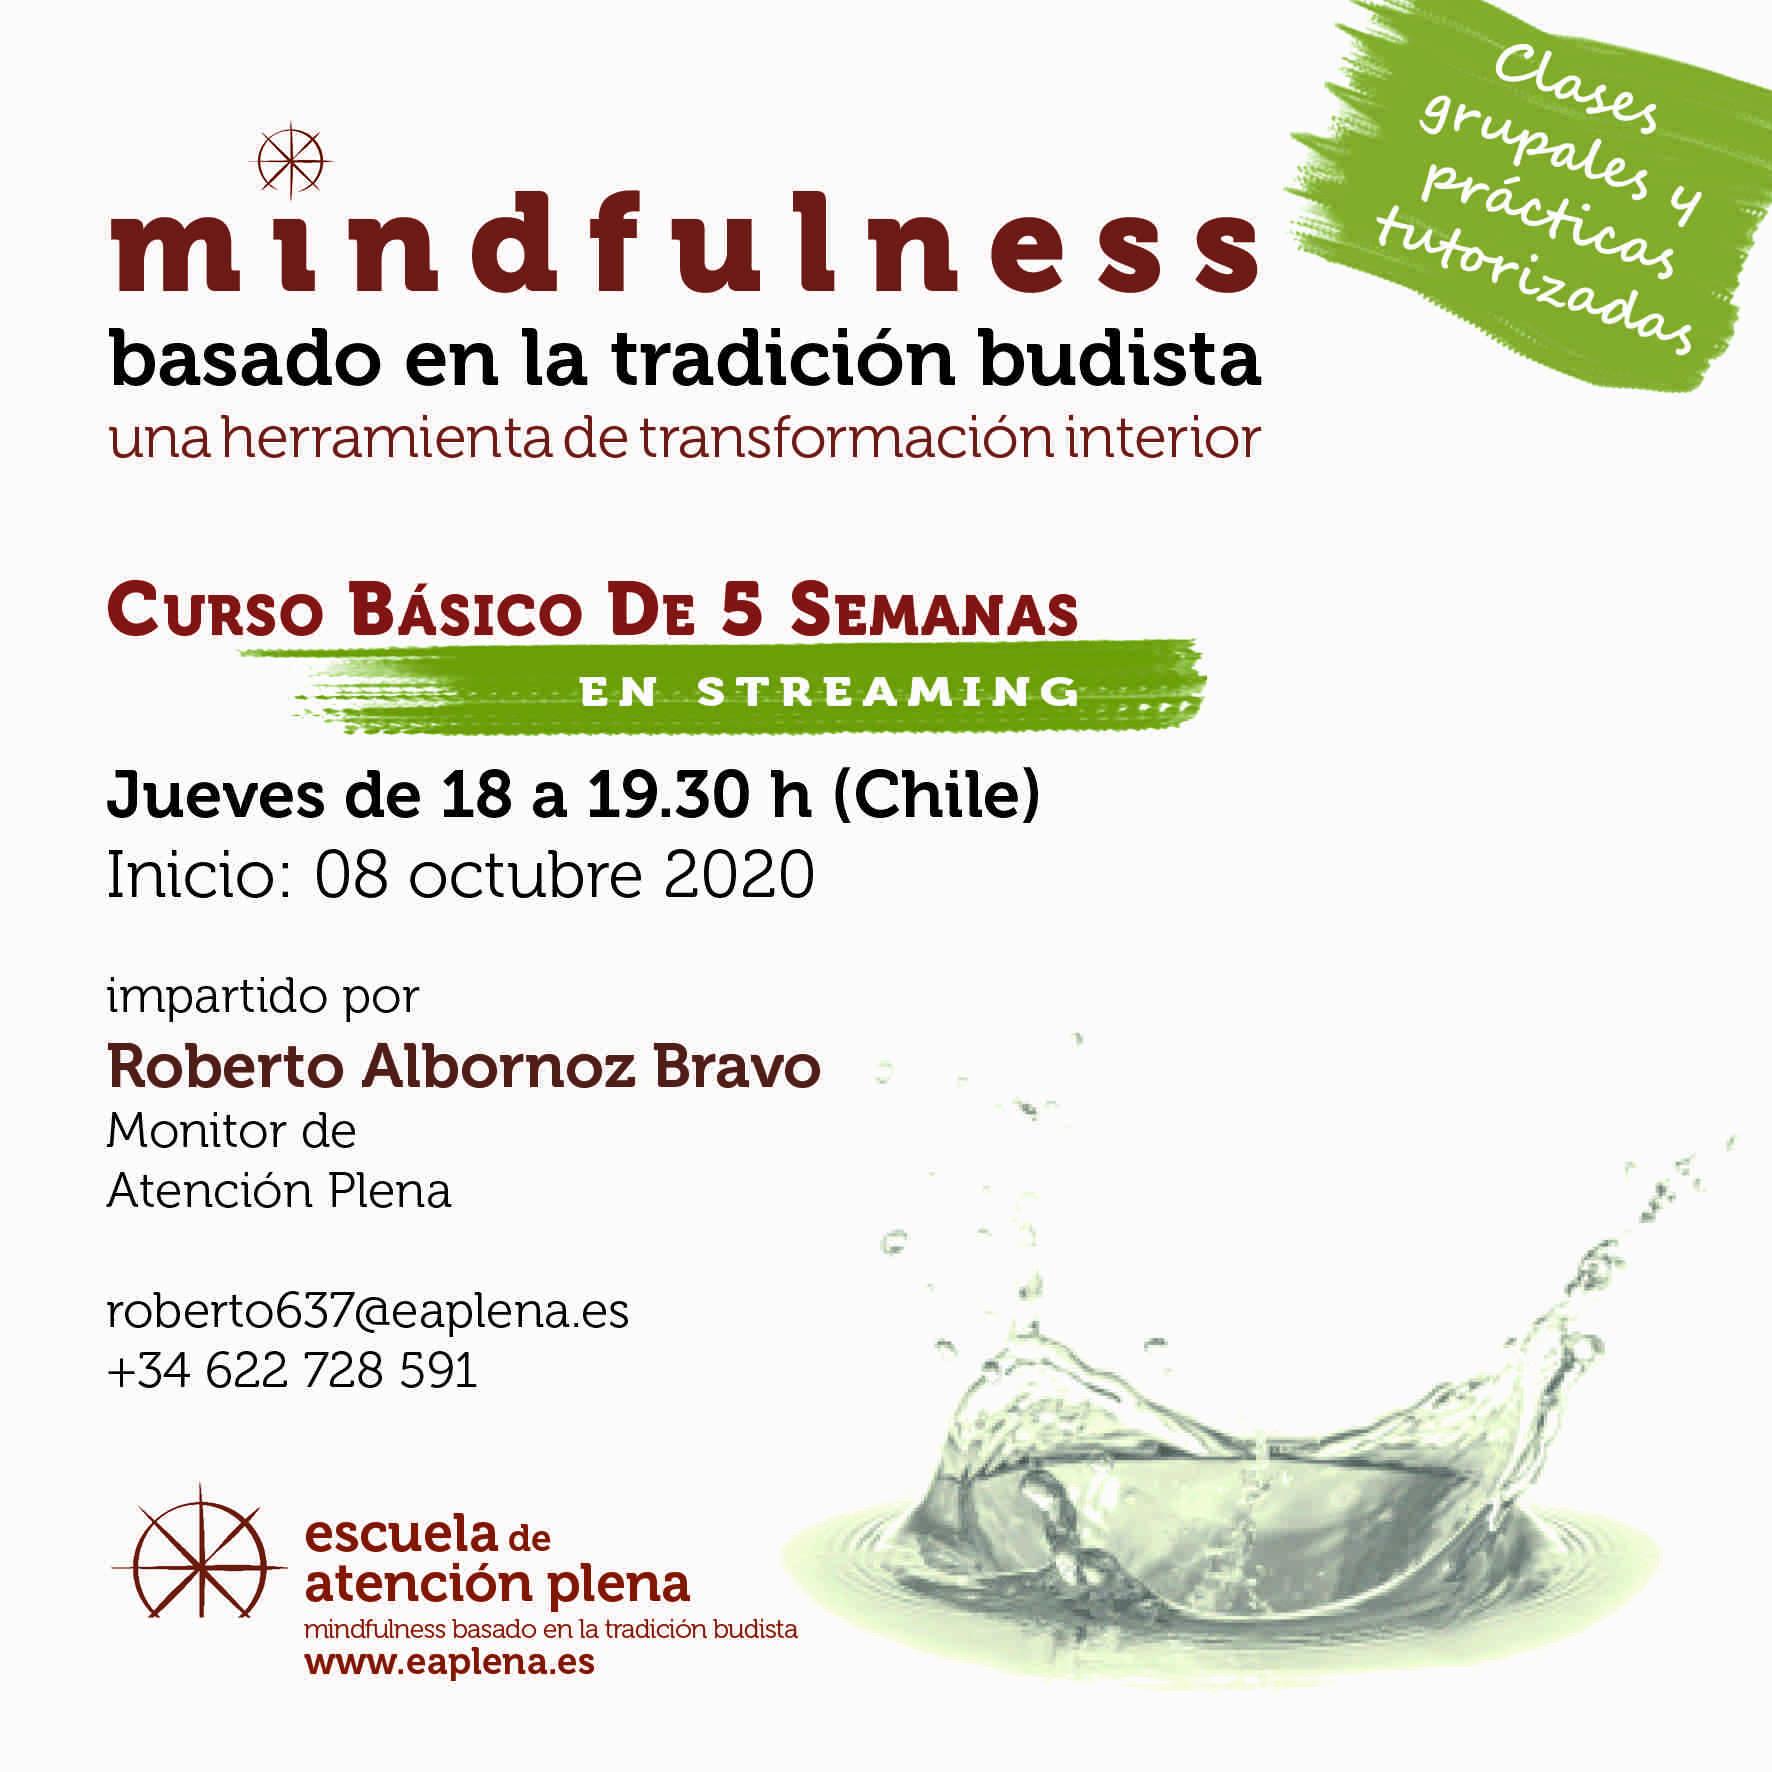 2020-10-08 Curso Básico de 5 Semanas en streaming 1 637 Albornoz Bravo Roberto